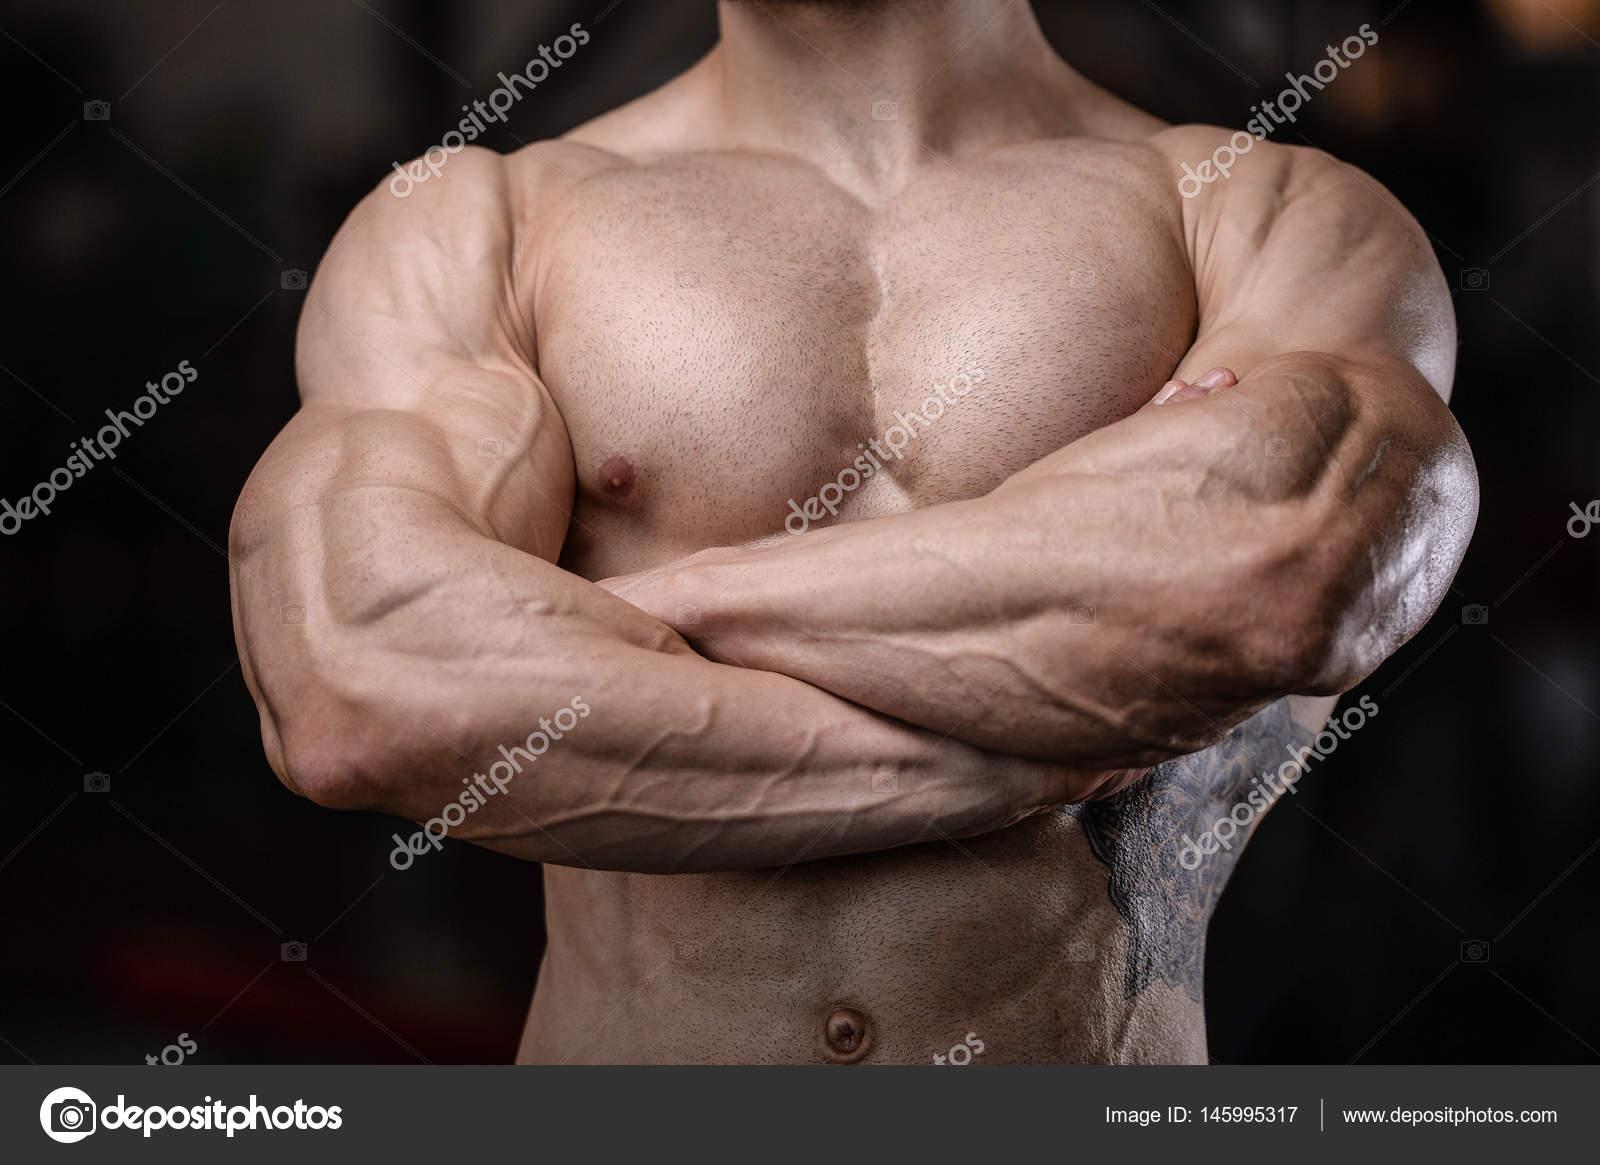 μοντέλα γυμναστικής γυμνές φωτογραφίες μεγάλο μαύρο κρουνός s